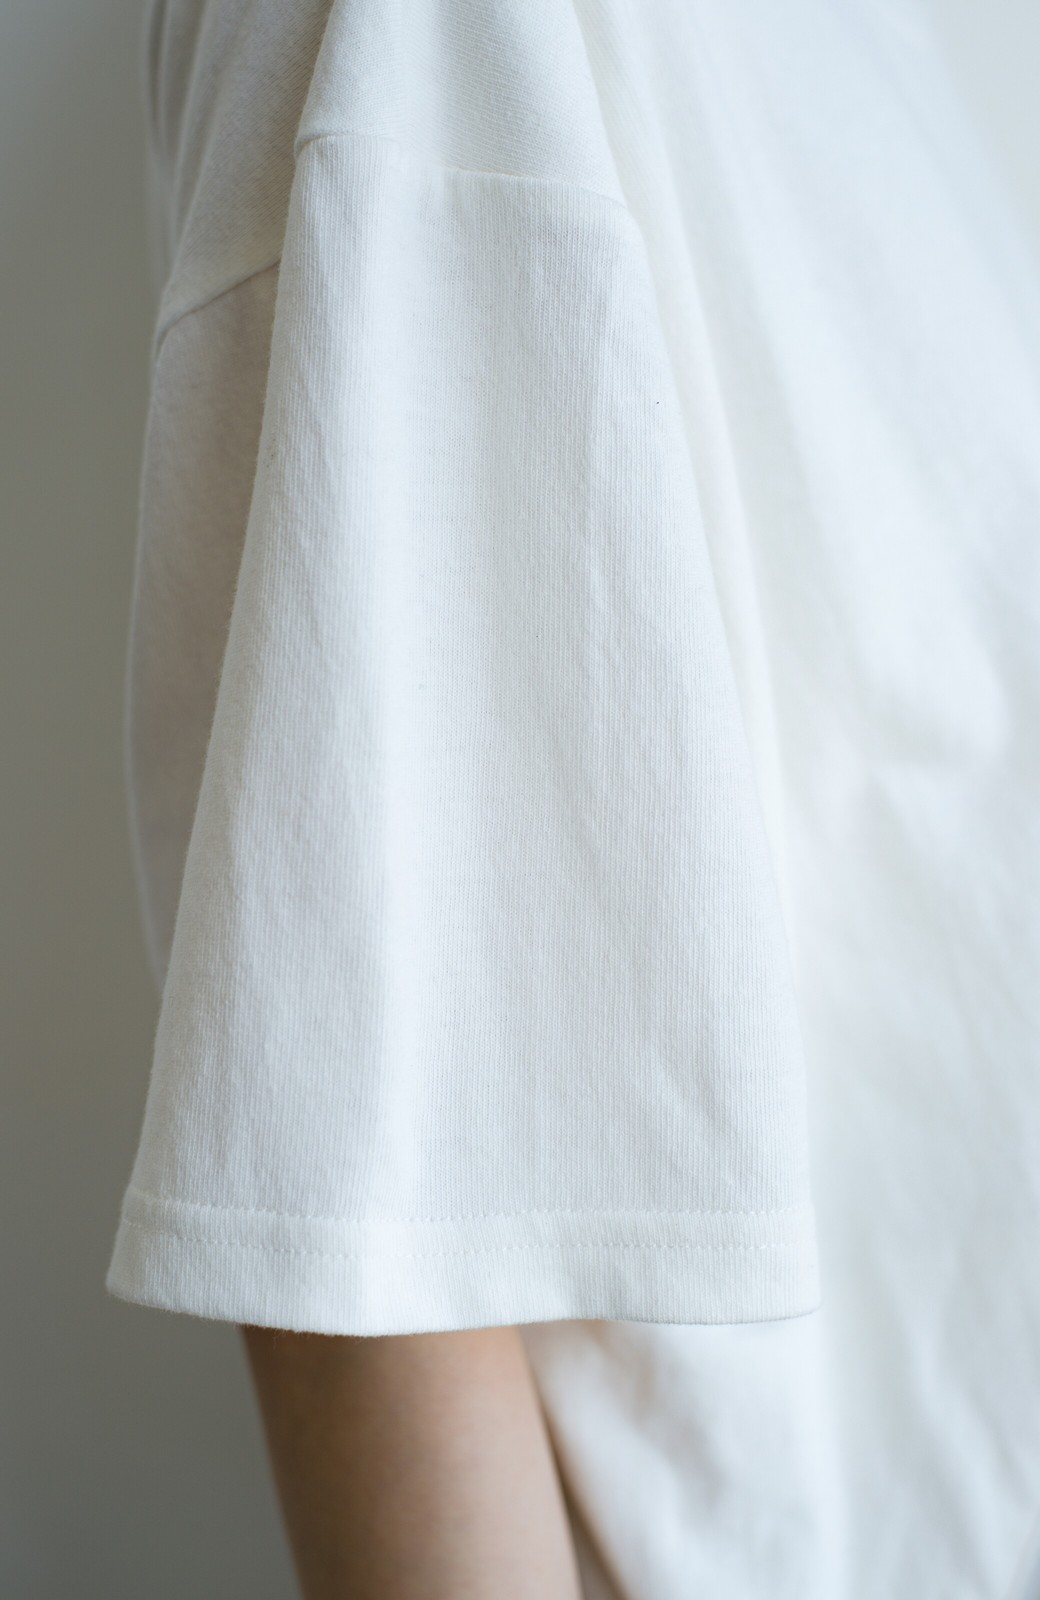 haco! 女の子バンザイ!プロジェクト 【ブルー期】PBPオーガニックコットンのおなかポケット付きTシャツ <ホワイト>の商品写真6